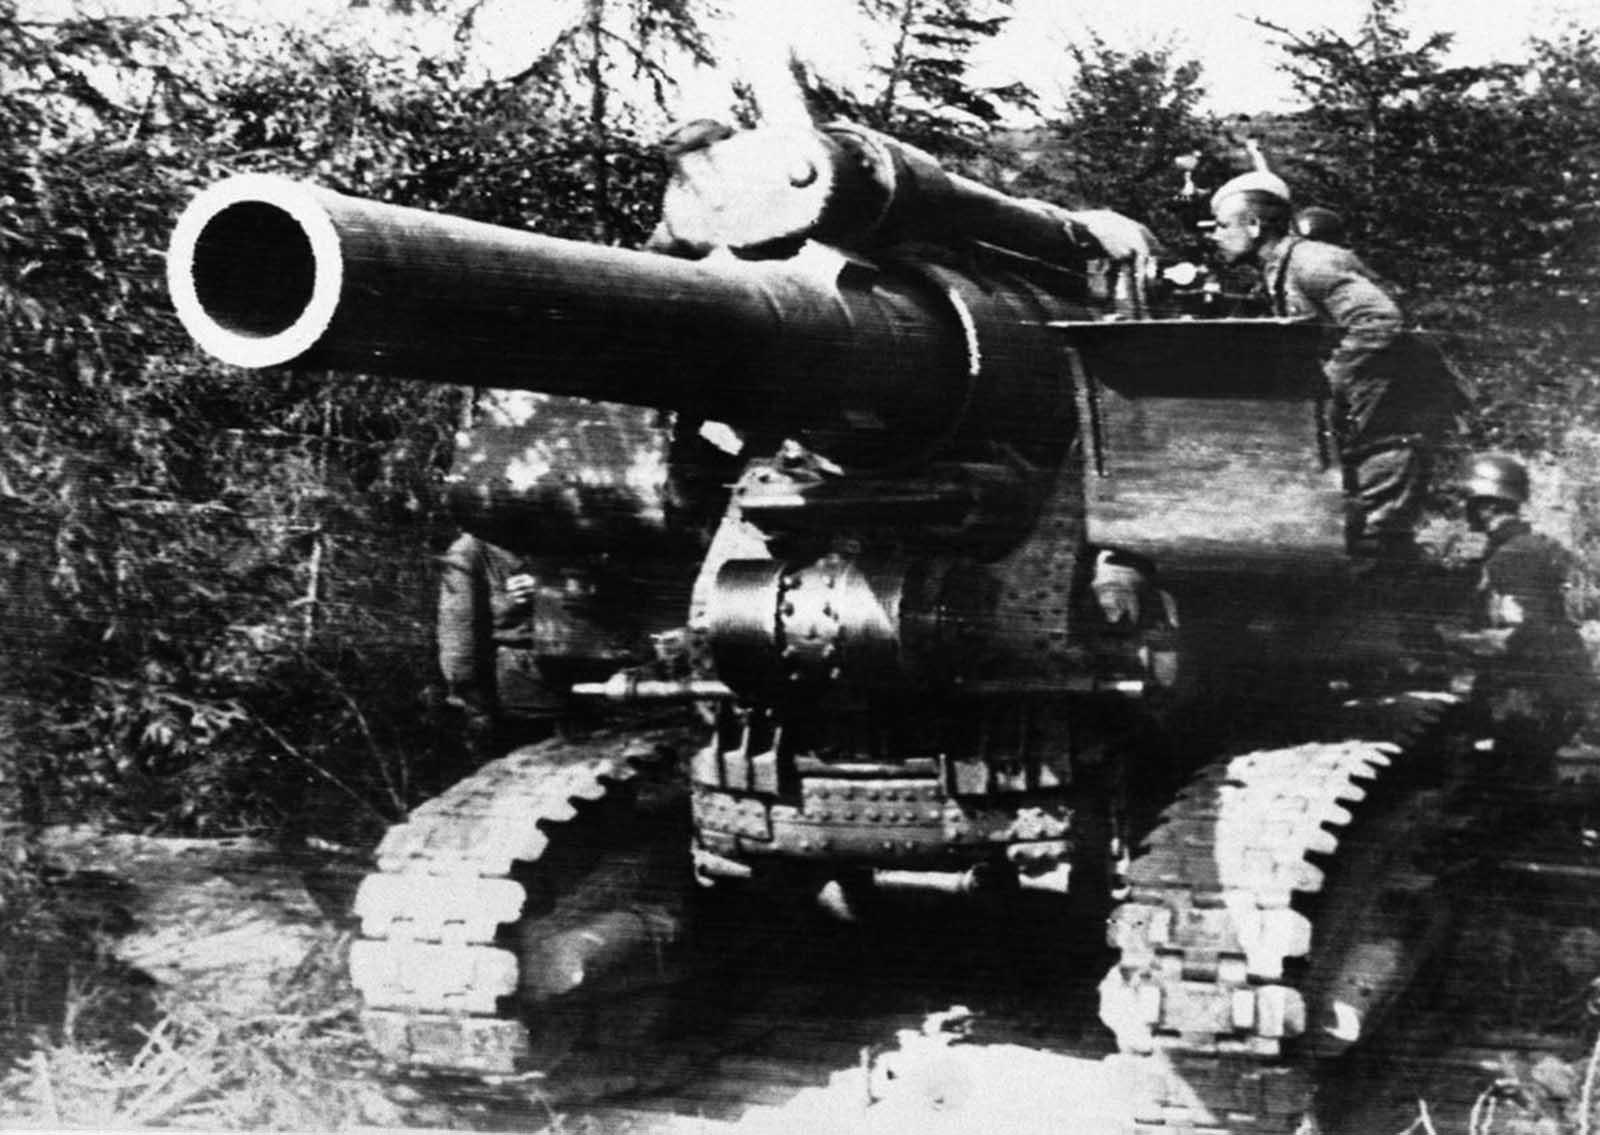 صورة لجنود سوفييت خلال محاولتهم صد التقدم الألماني